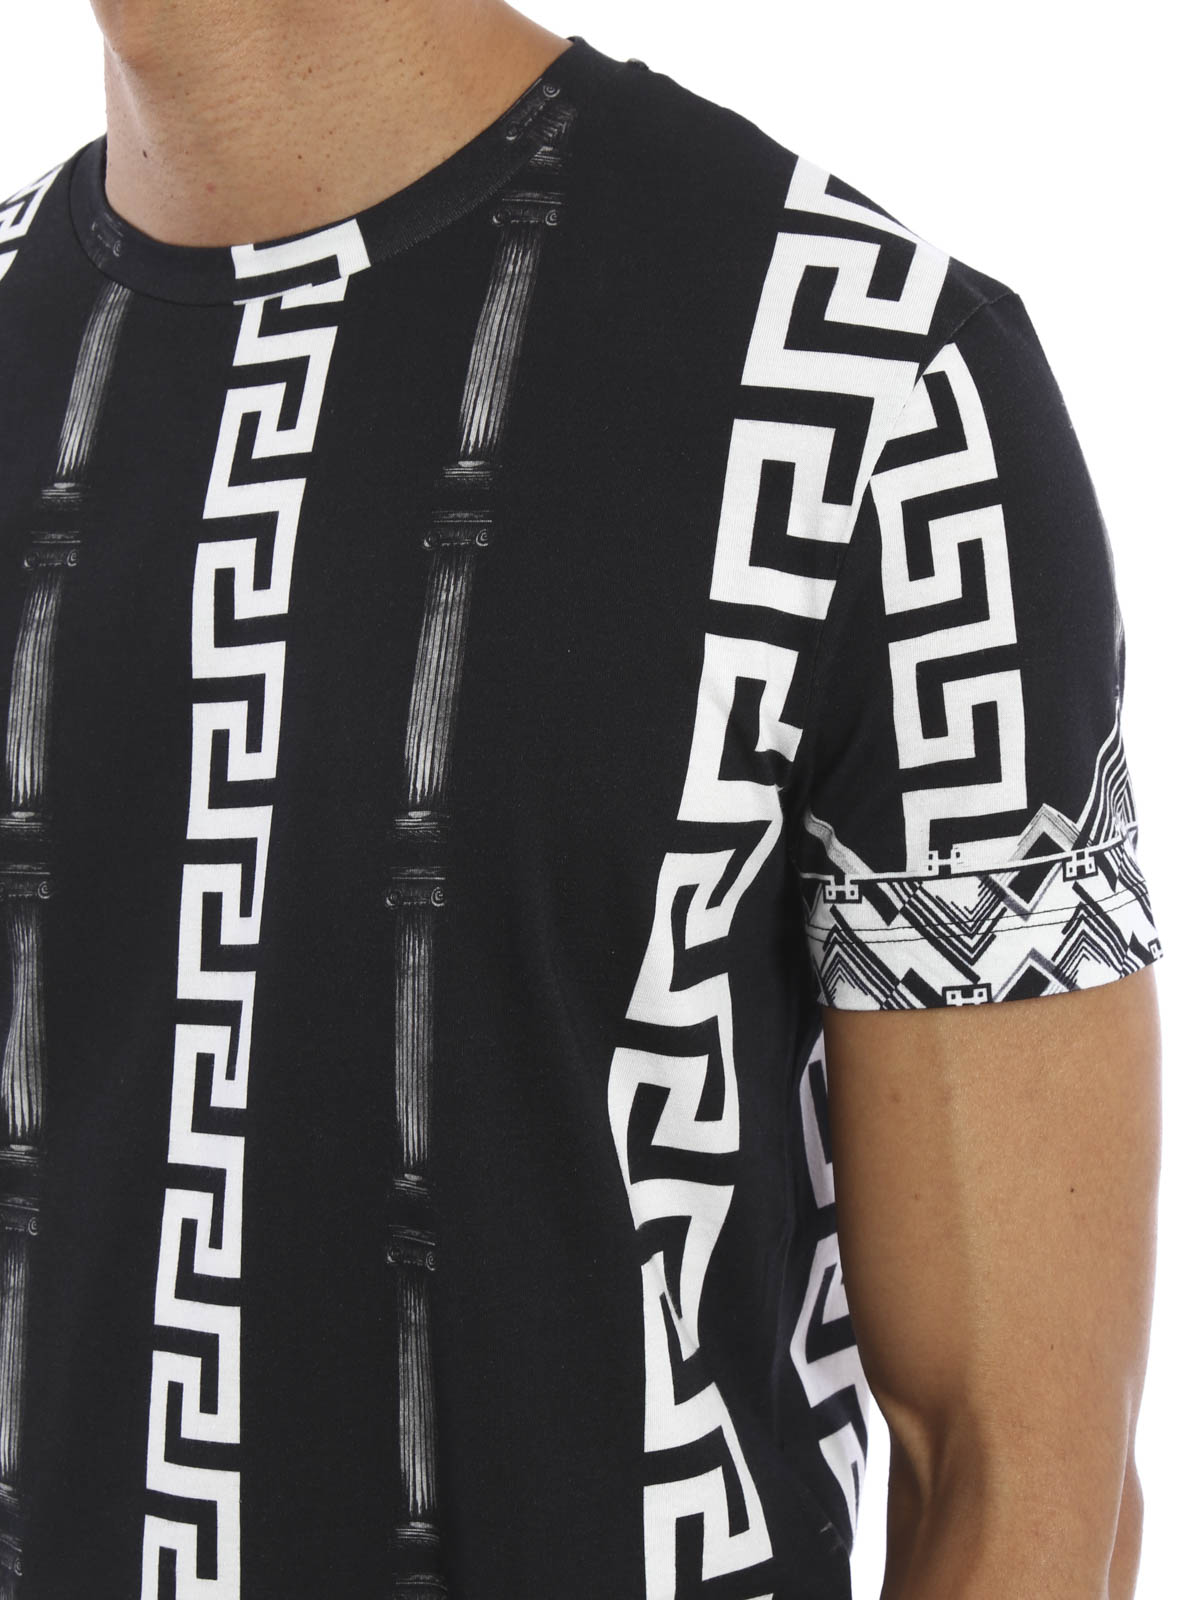 ce08523d Versace T Shirt Buy - DREAMWORKS